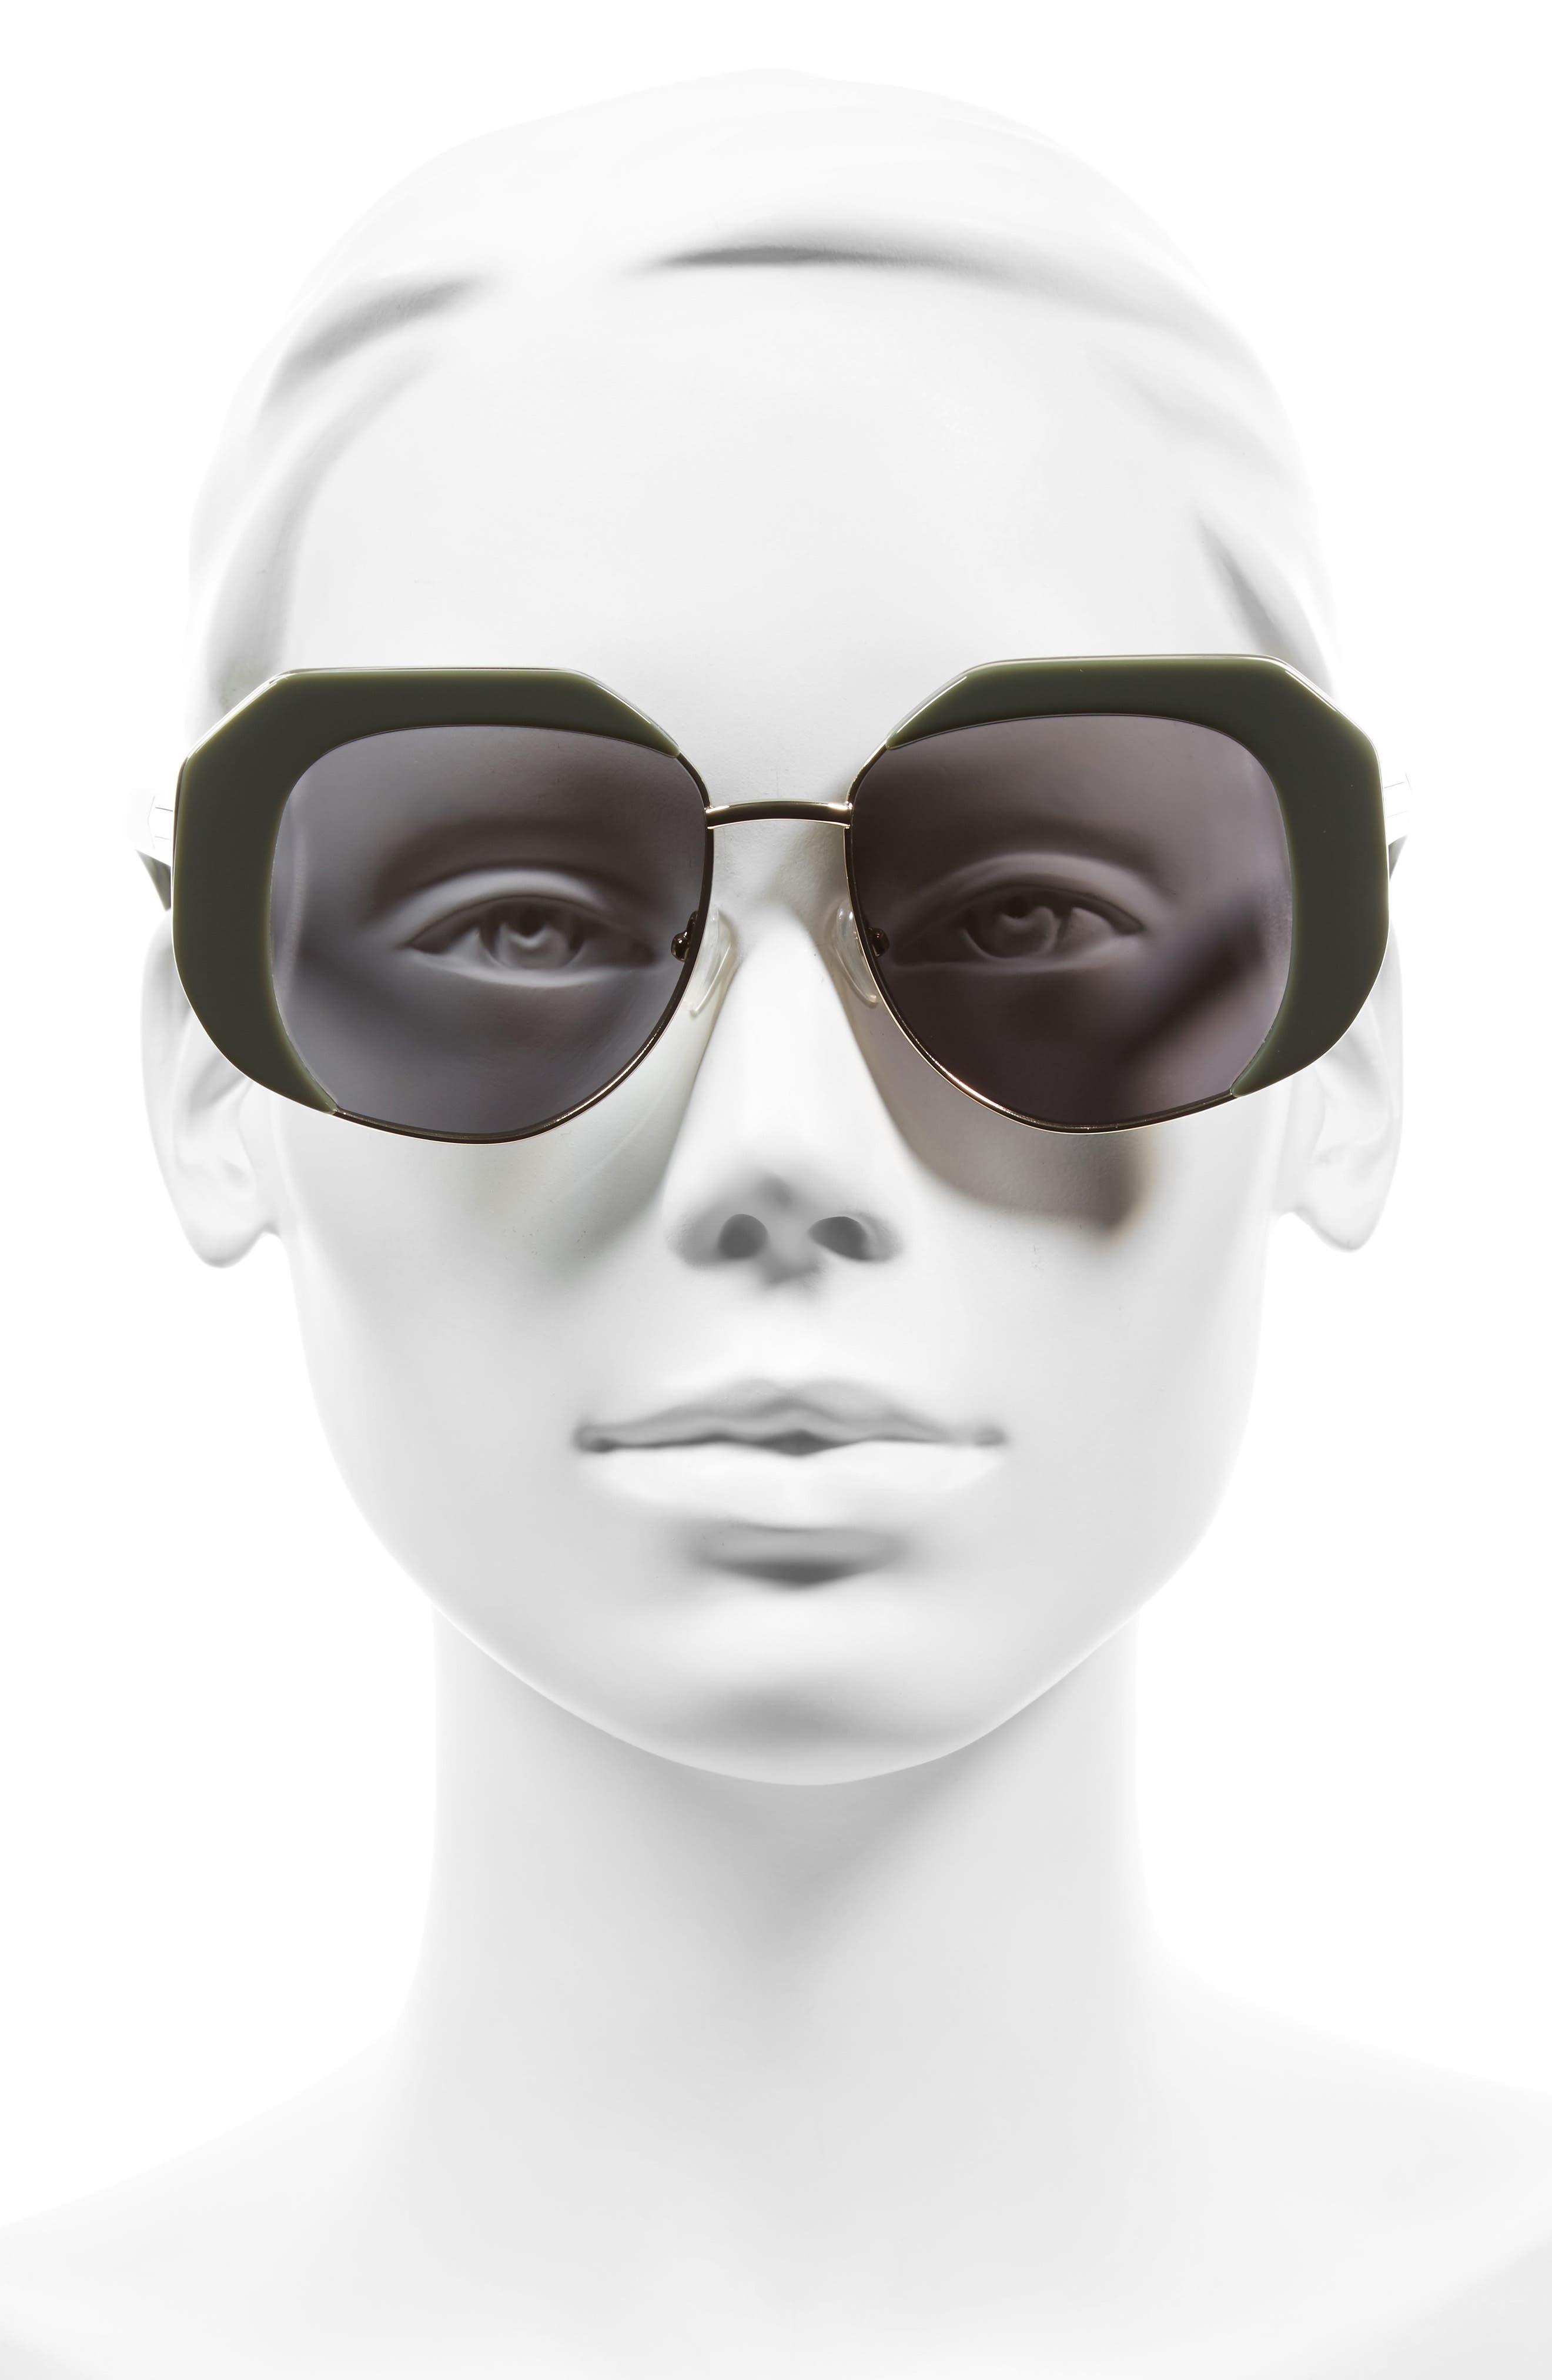 Domingo 52mm Sunglasses,                             Alternate thumbnail 2, color,                             Khaki/ Gold